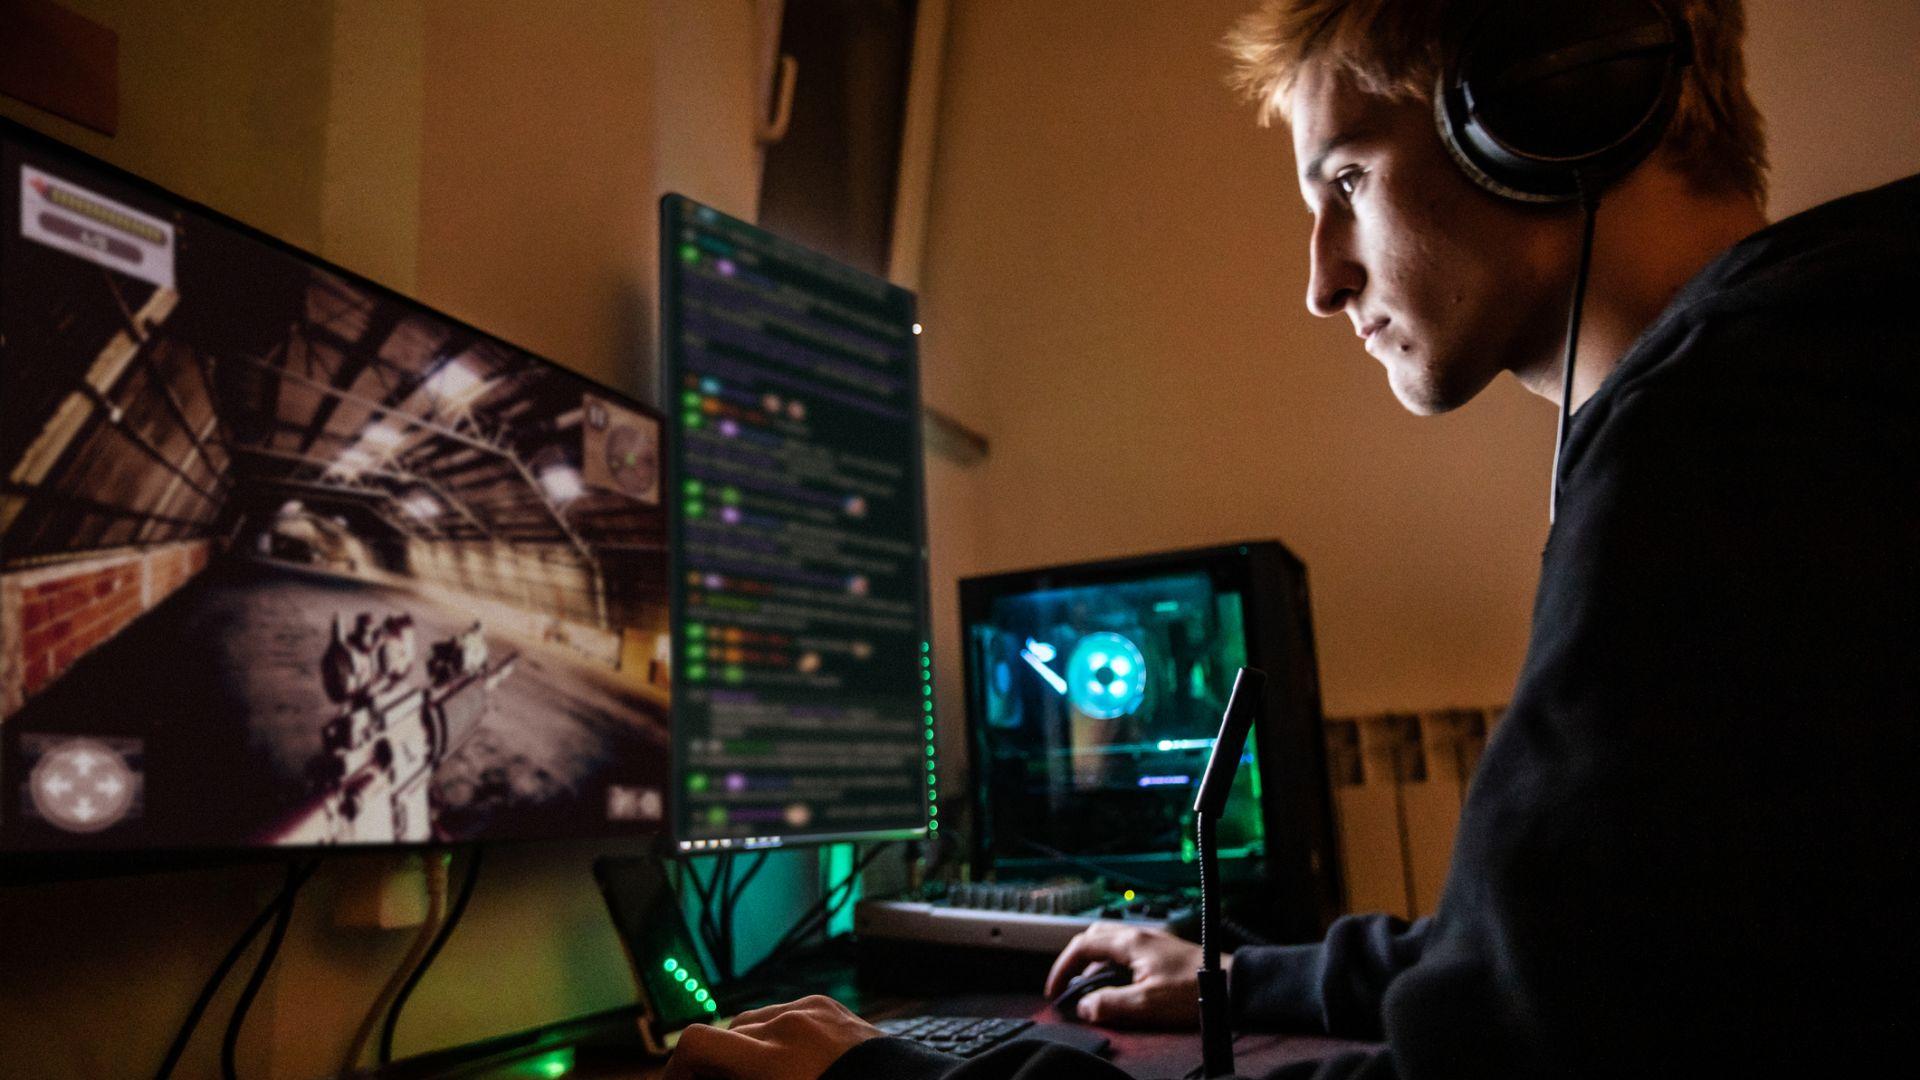 Оксфорд: Има връзка между видеоигрите и благополучието